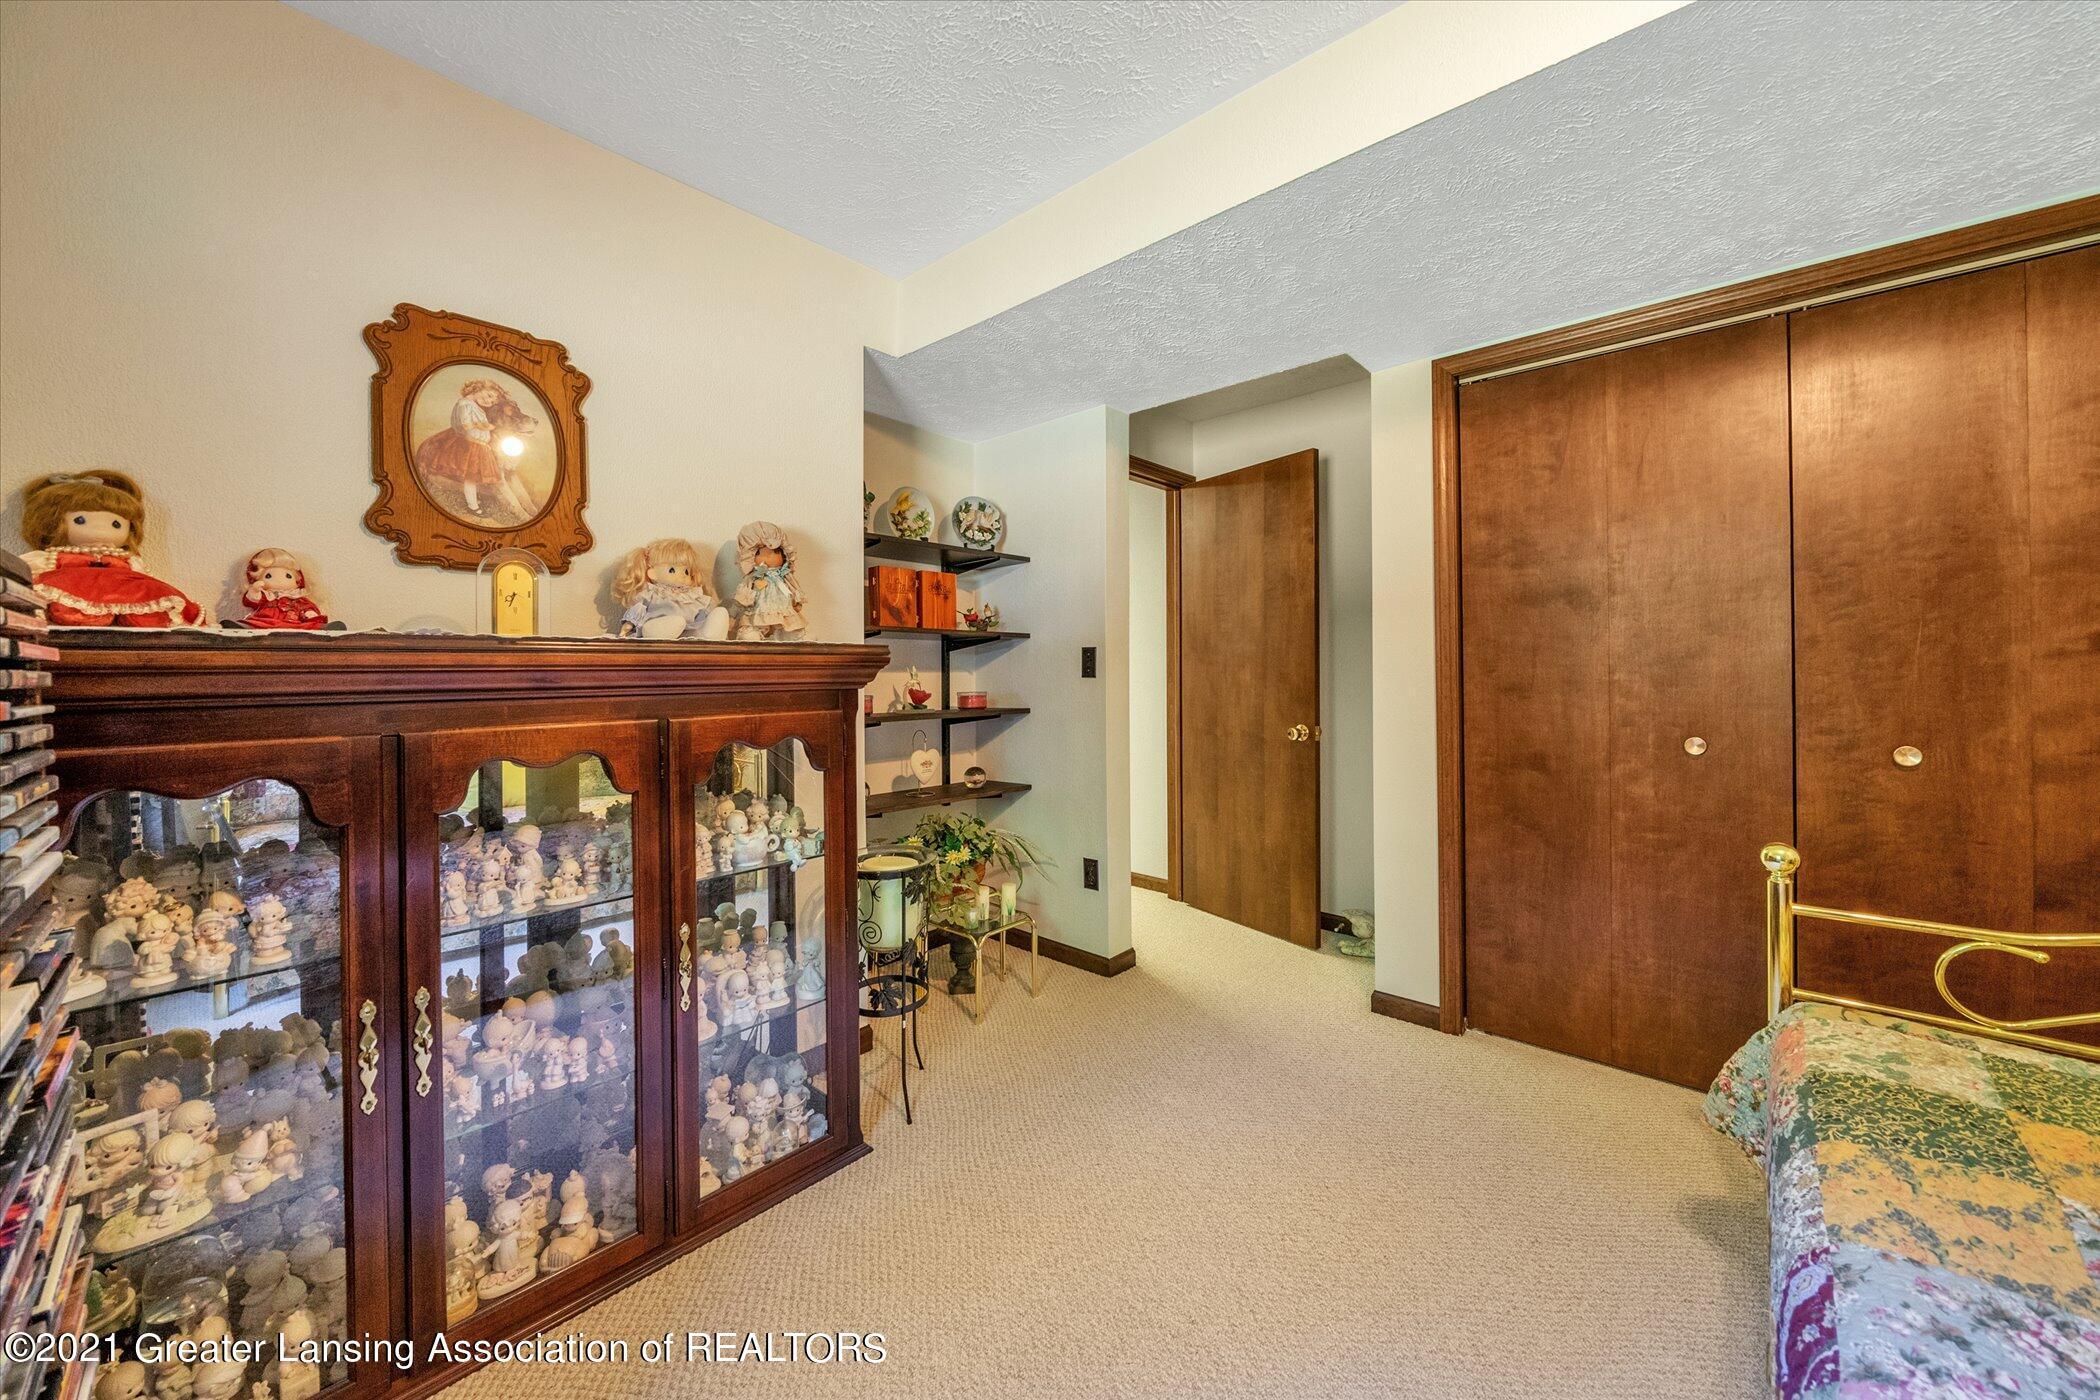 7851 S Cochran Rd - (26)LOWER LEVEL Bedroom 2 - 26